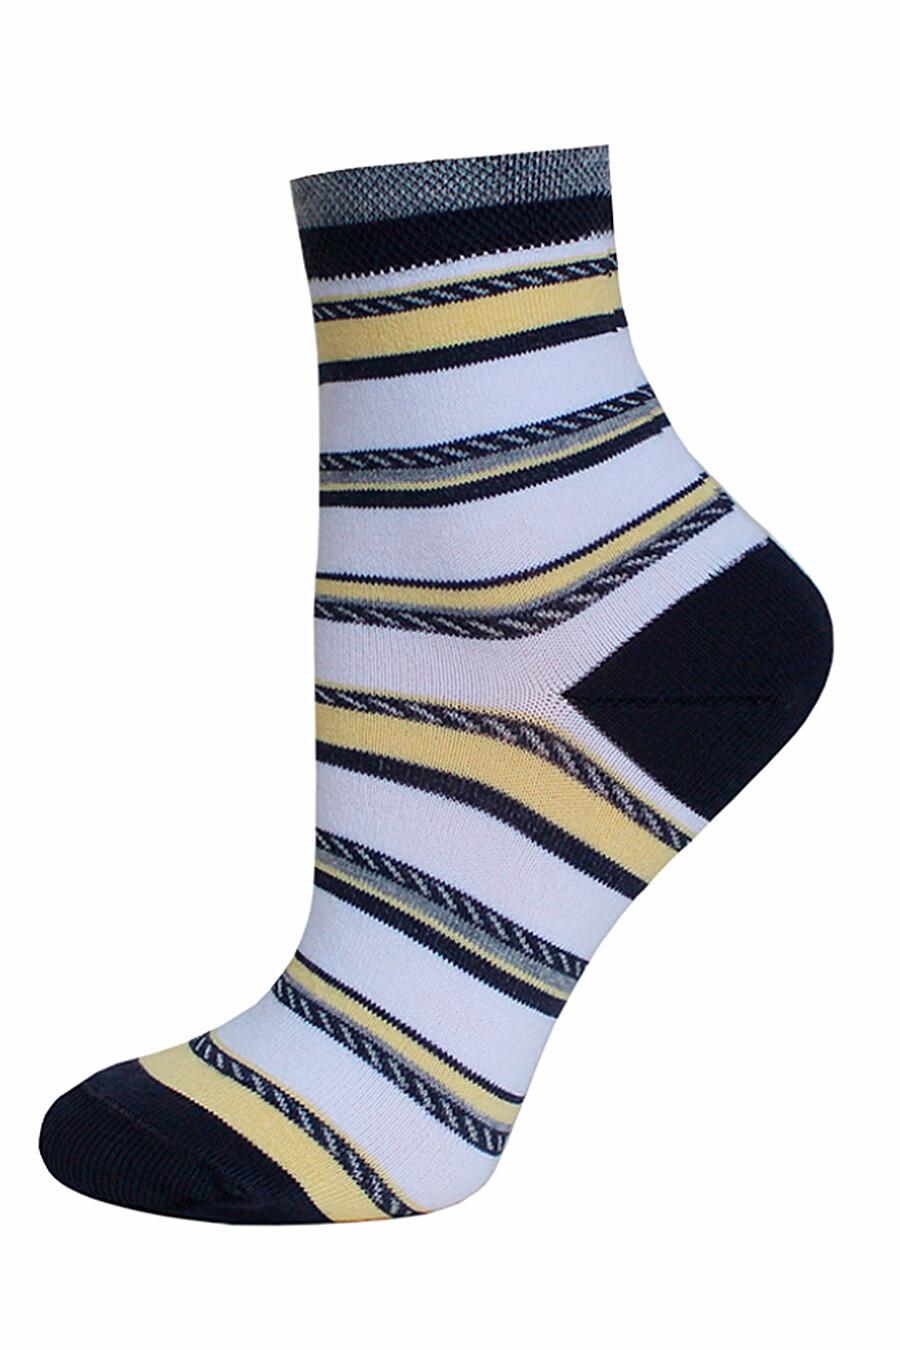 Носки для женщин БРЕСТСКИЕ 226865 купить оптом от производителя. Совместная покупка женской одежды в OptMoyo